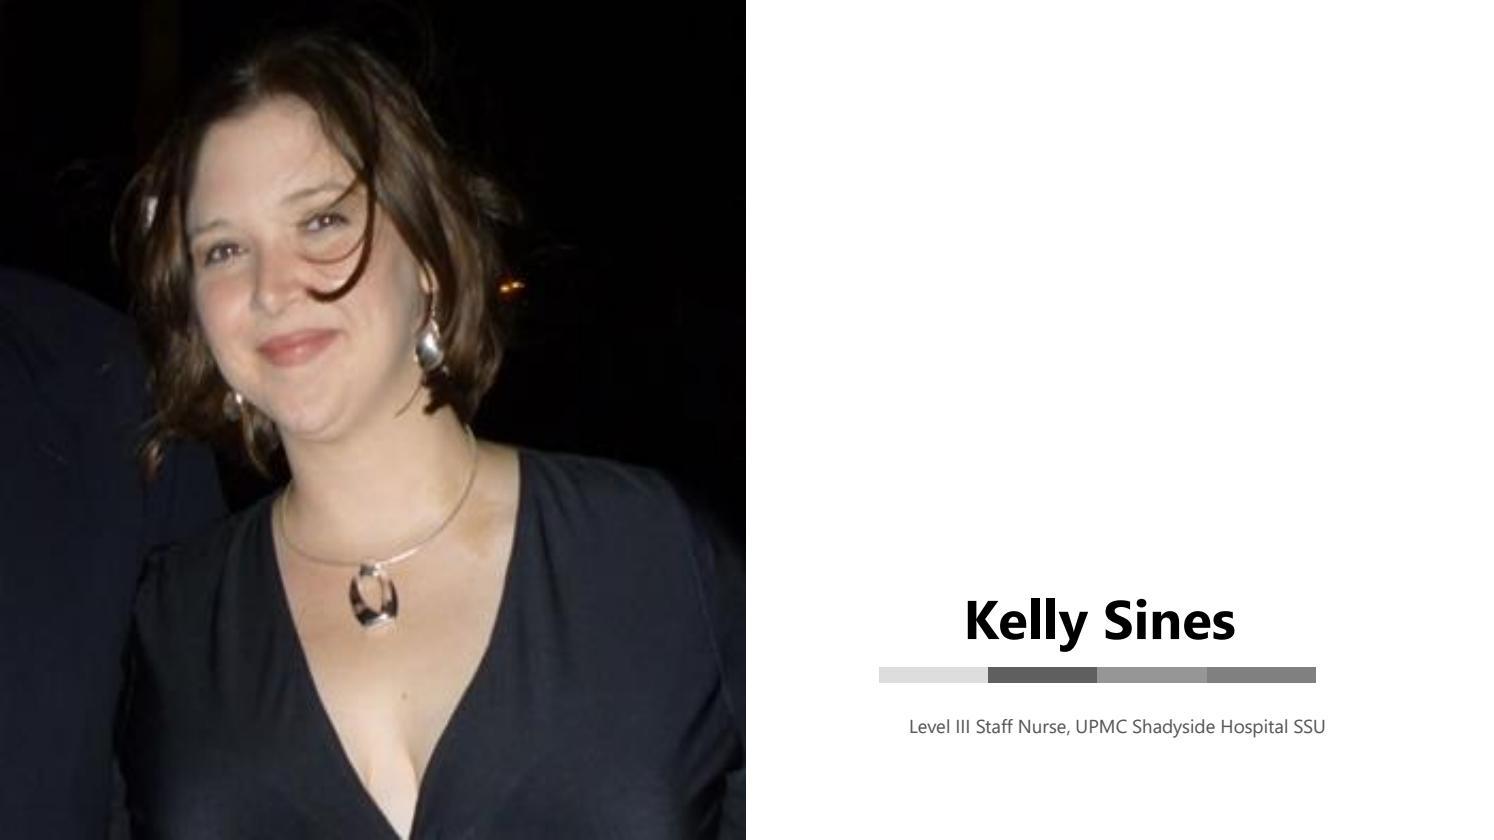 Kelly Sines - Level III Staff Nurse at UPMC Shadyside